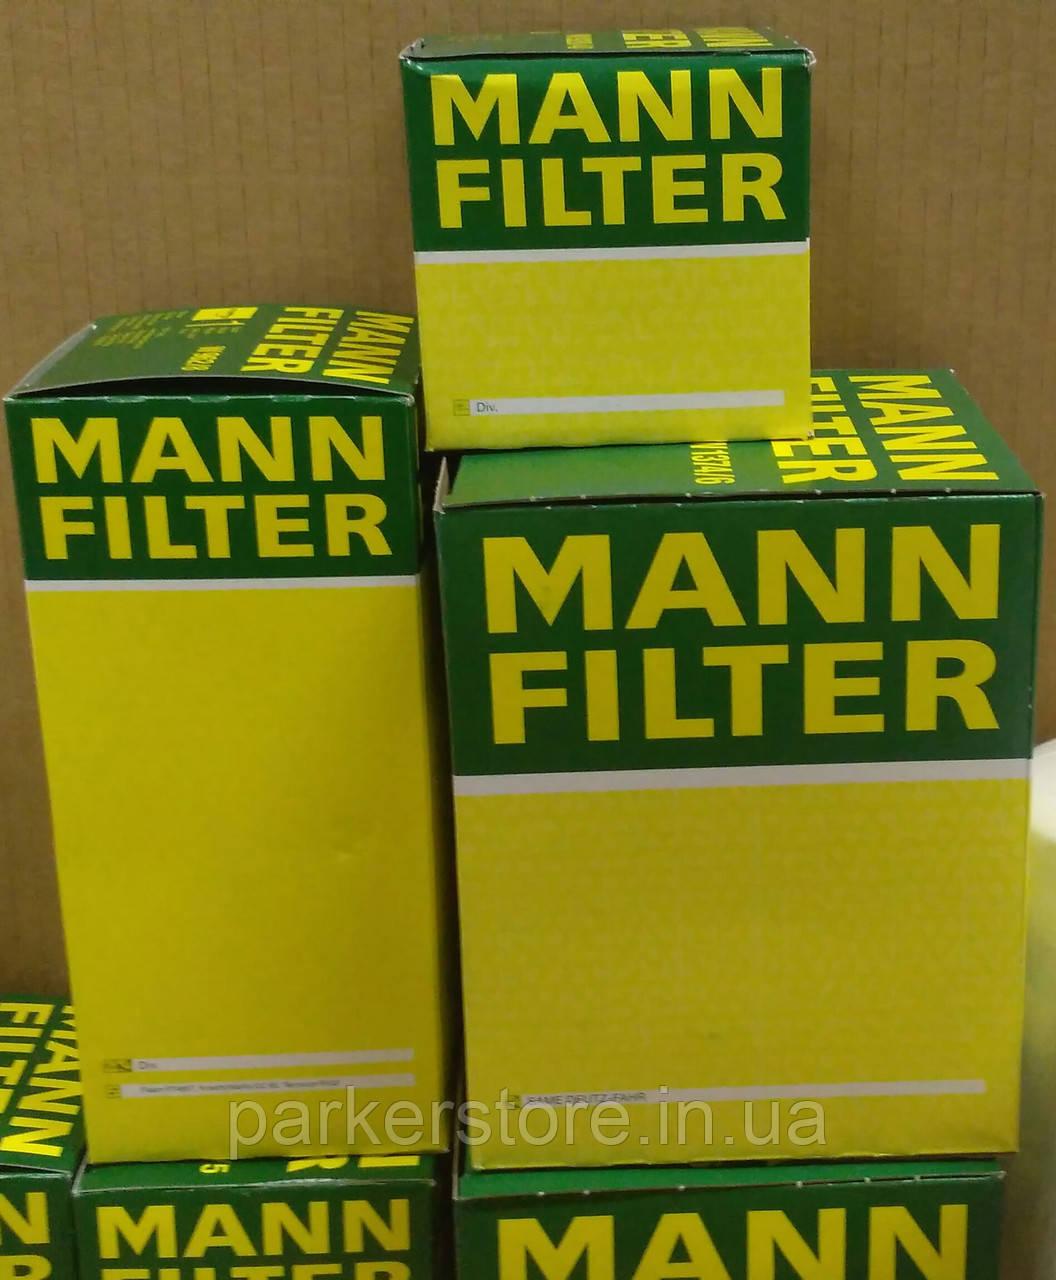 MANN FILTER / Воздушный фильтр / C 29 006 / C29006